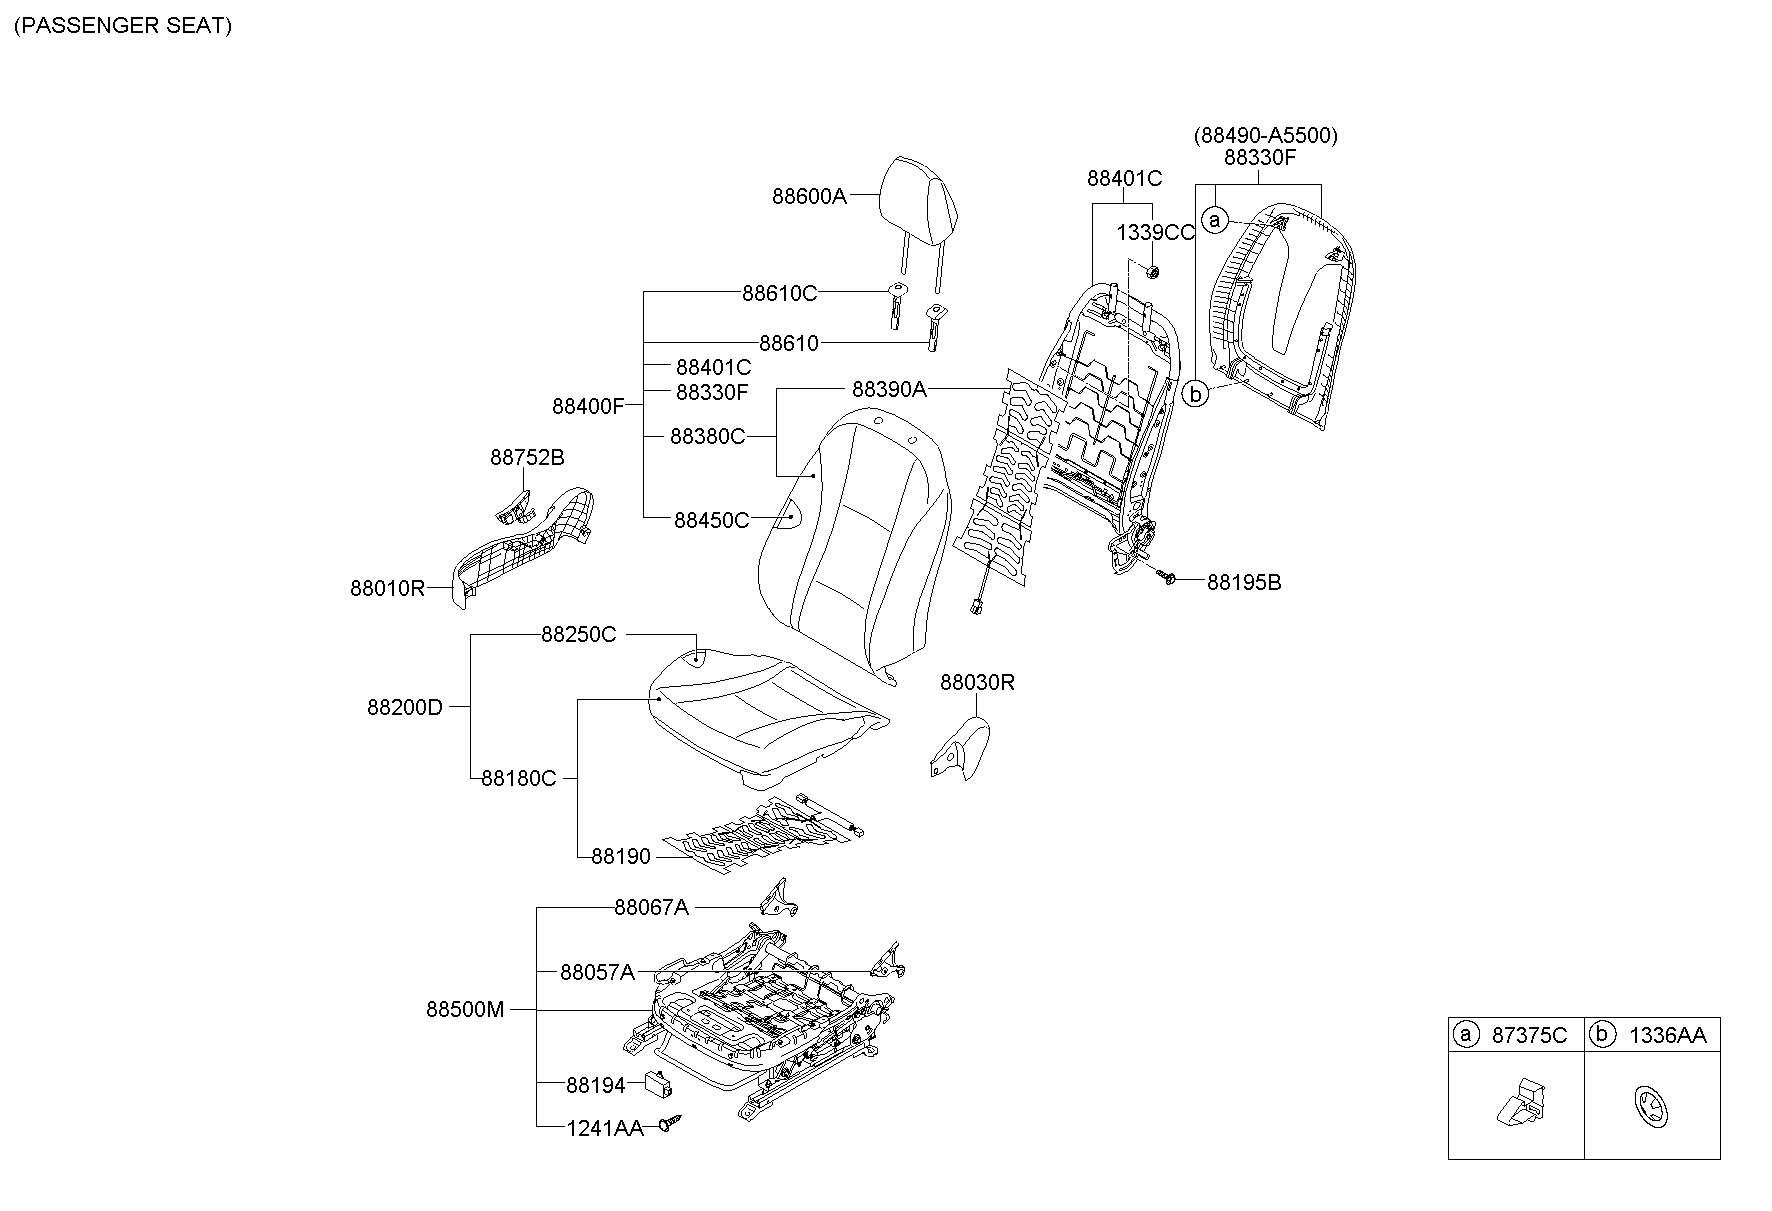 88190a5100 - Hyundai Heater